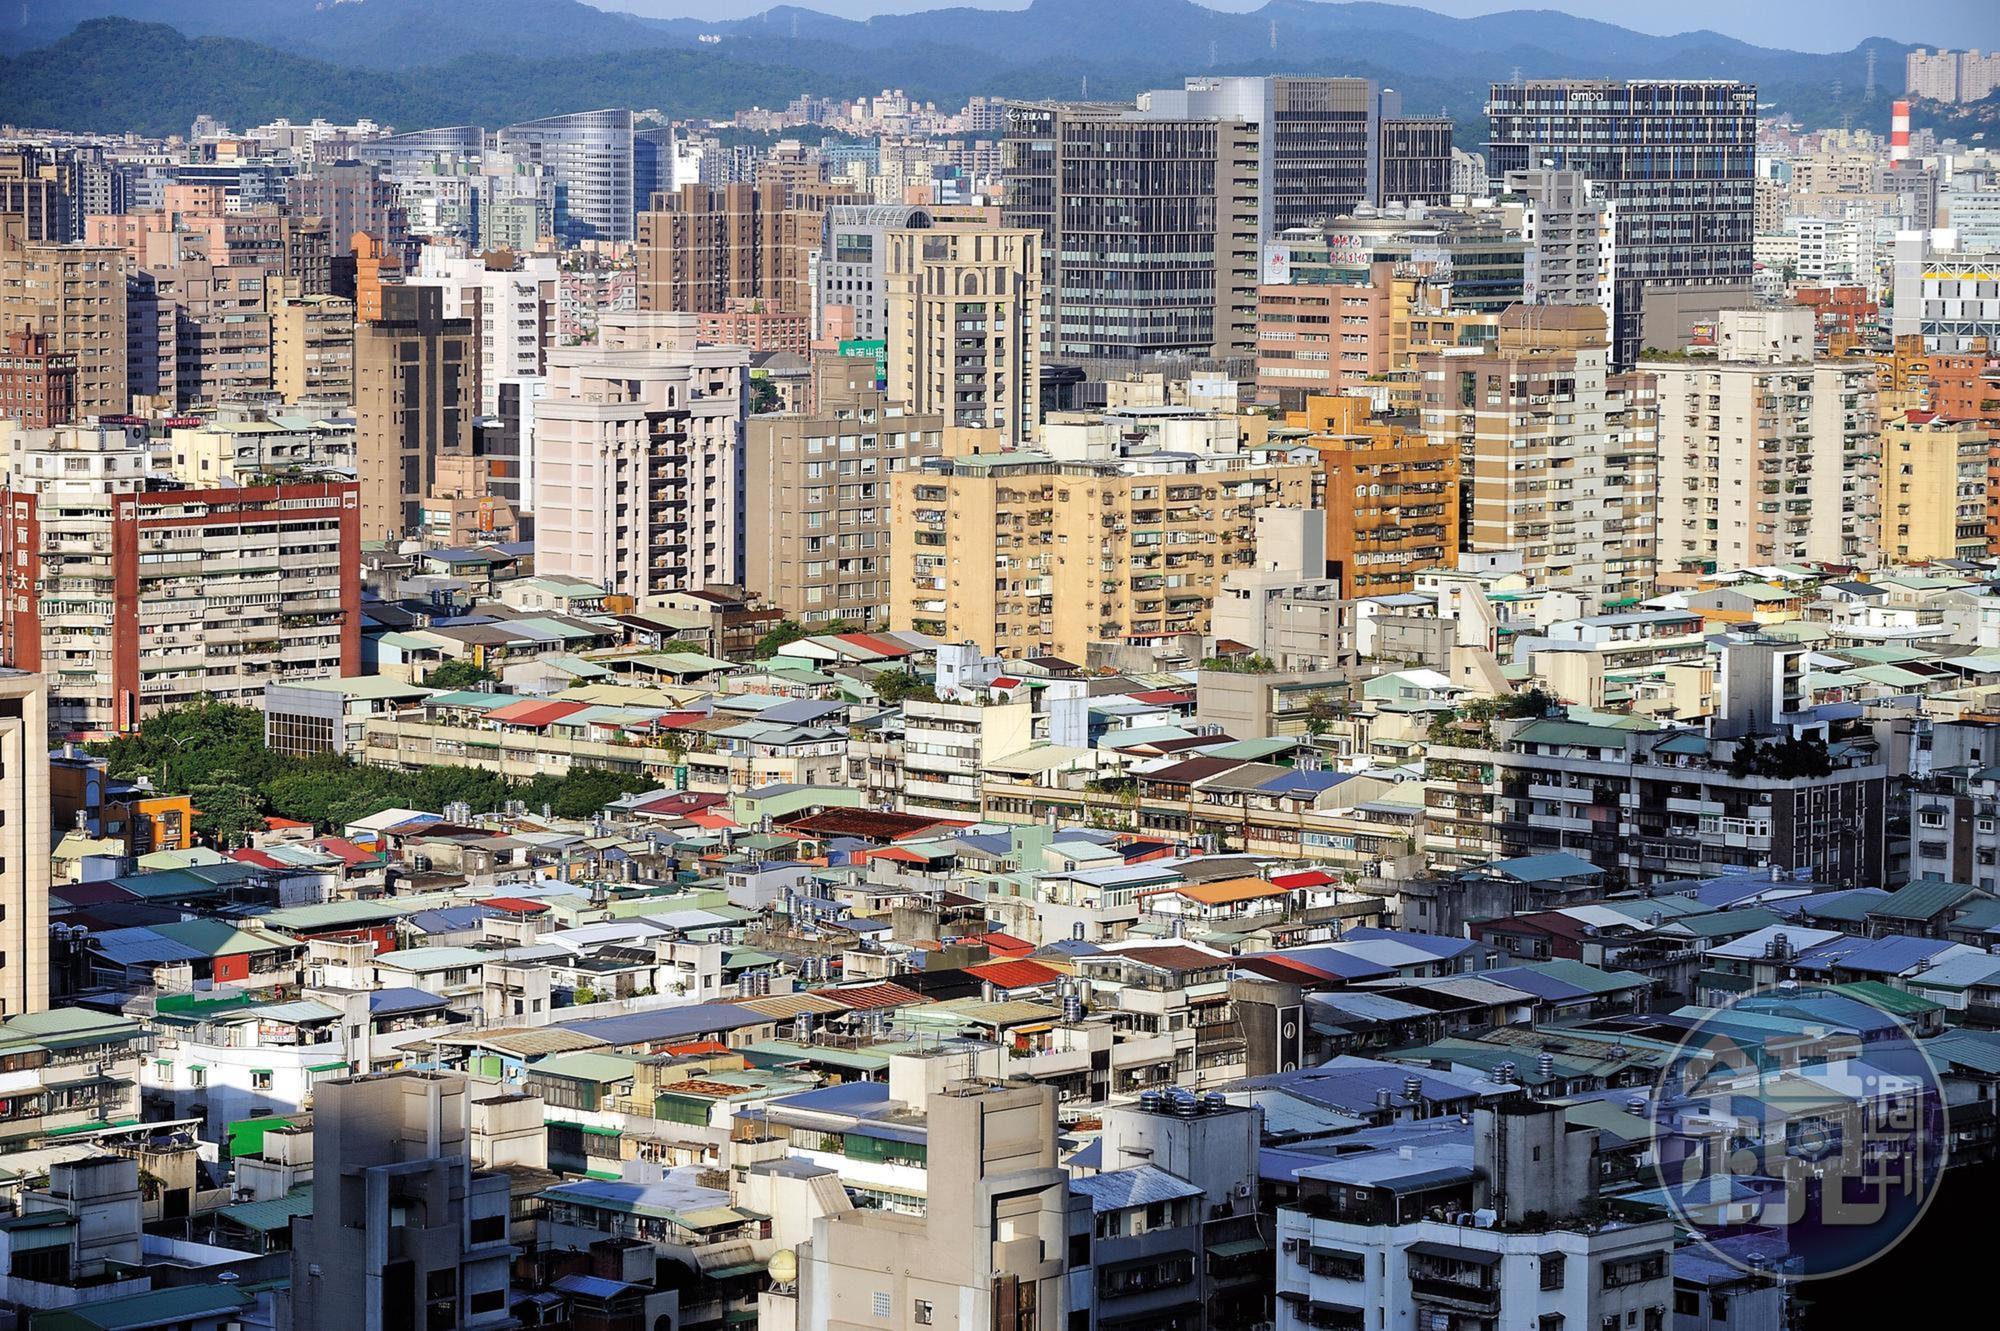 台灣目前30年以上的老屋高達384萬戶,一旦遭遇重大震災,後果不堪設想。圖中是台北市老舊公寓與新型大樓形成強烈對比。